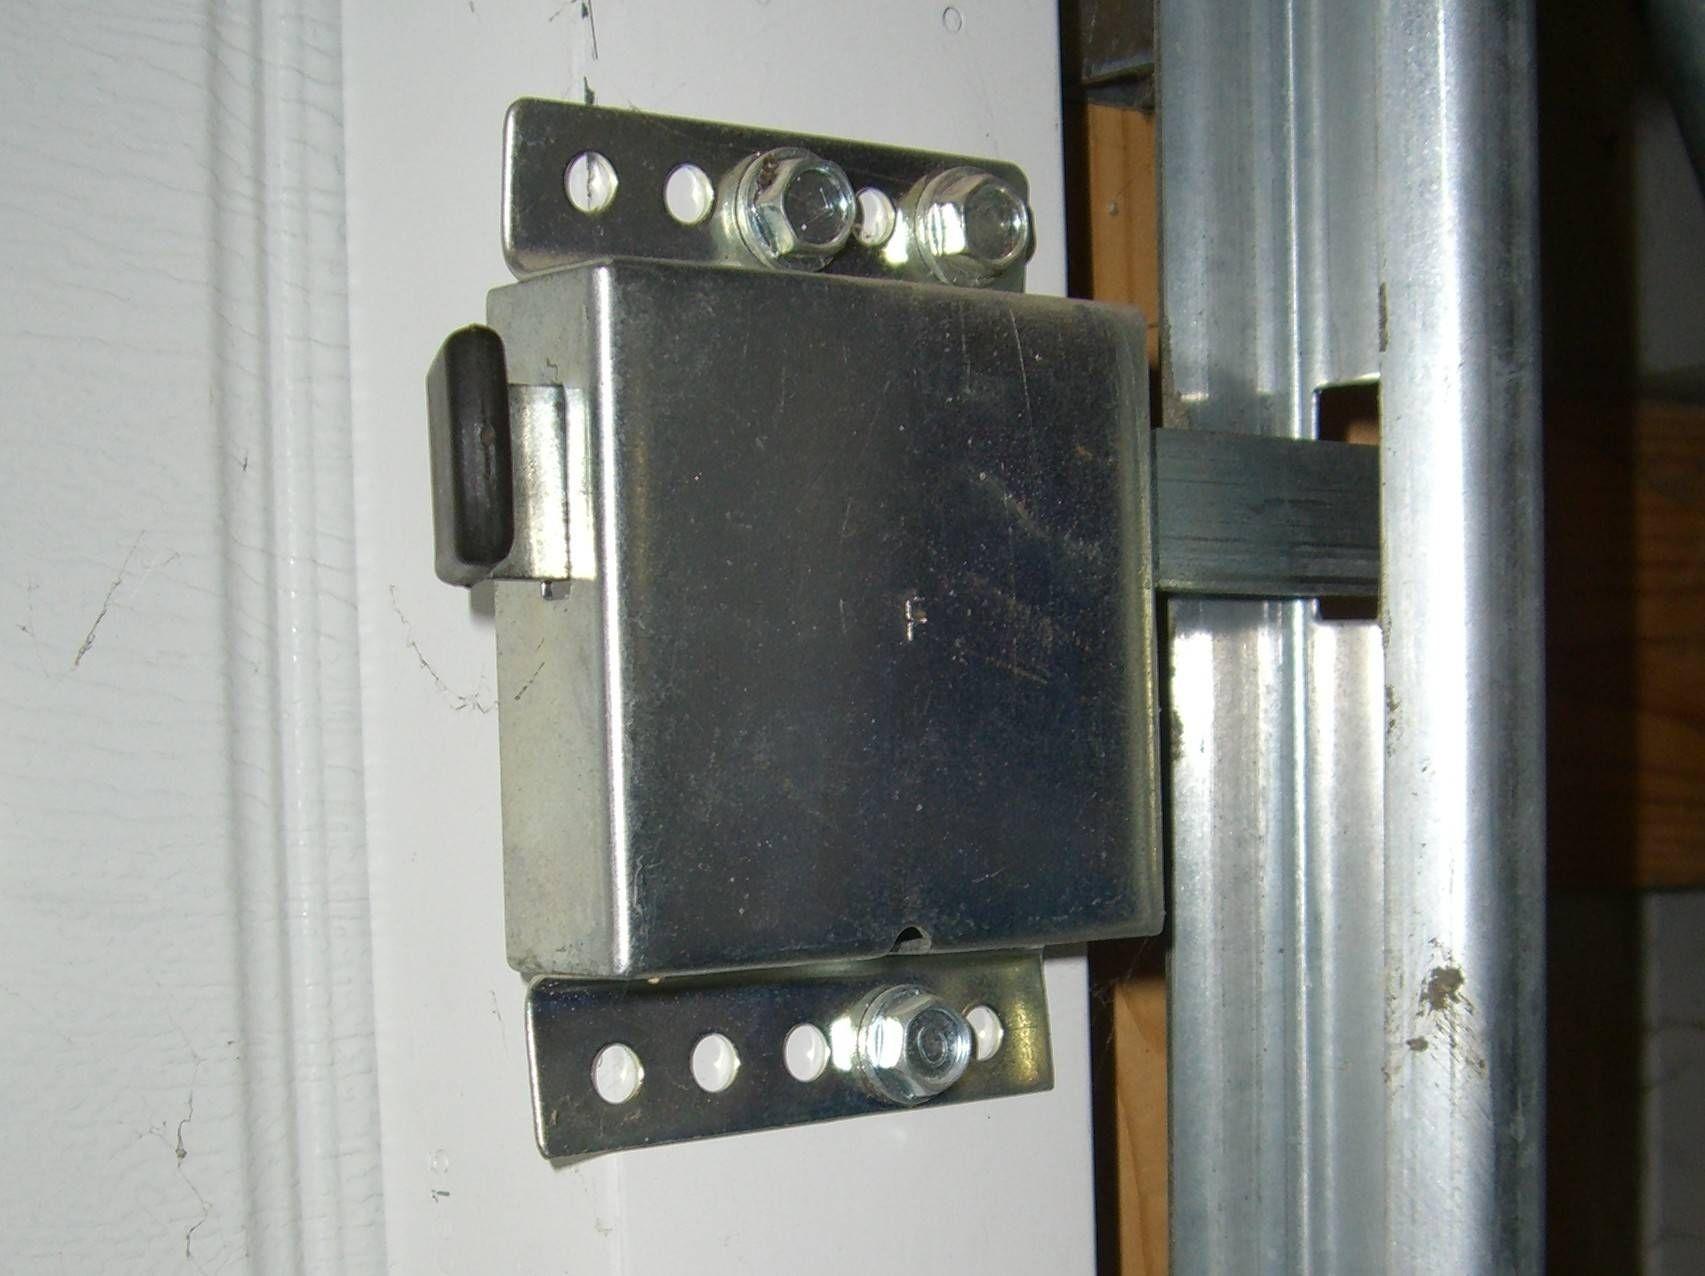 Securing sliding garage doors httpvoteno123 pinterest securing sliding garage doors rubansaba